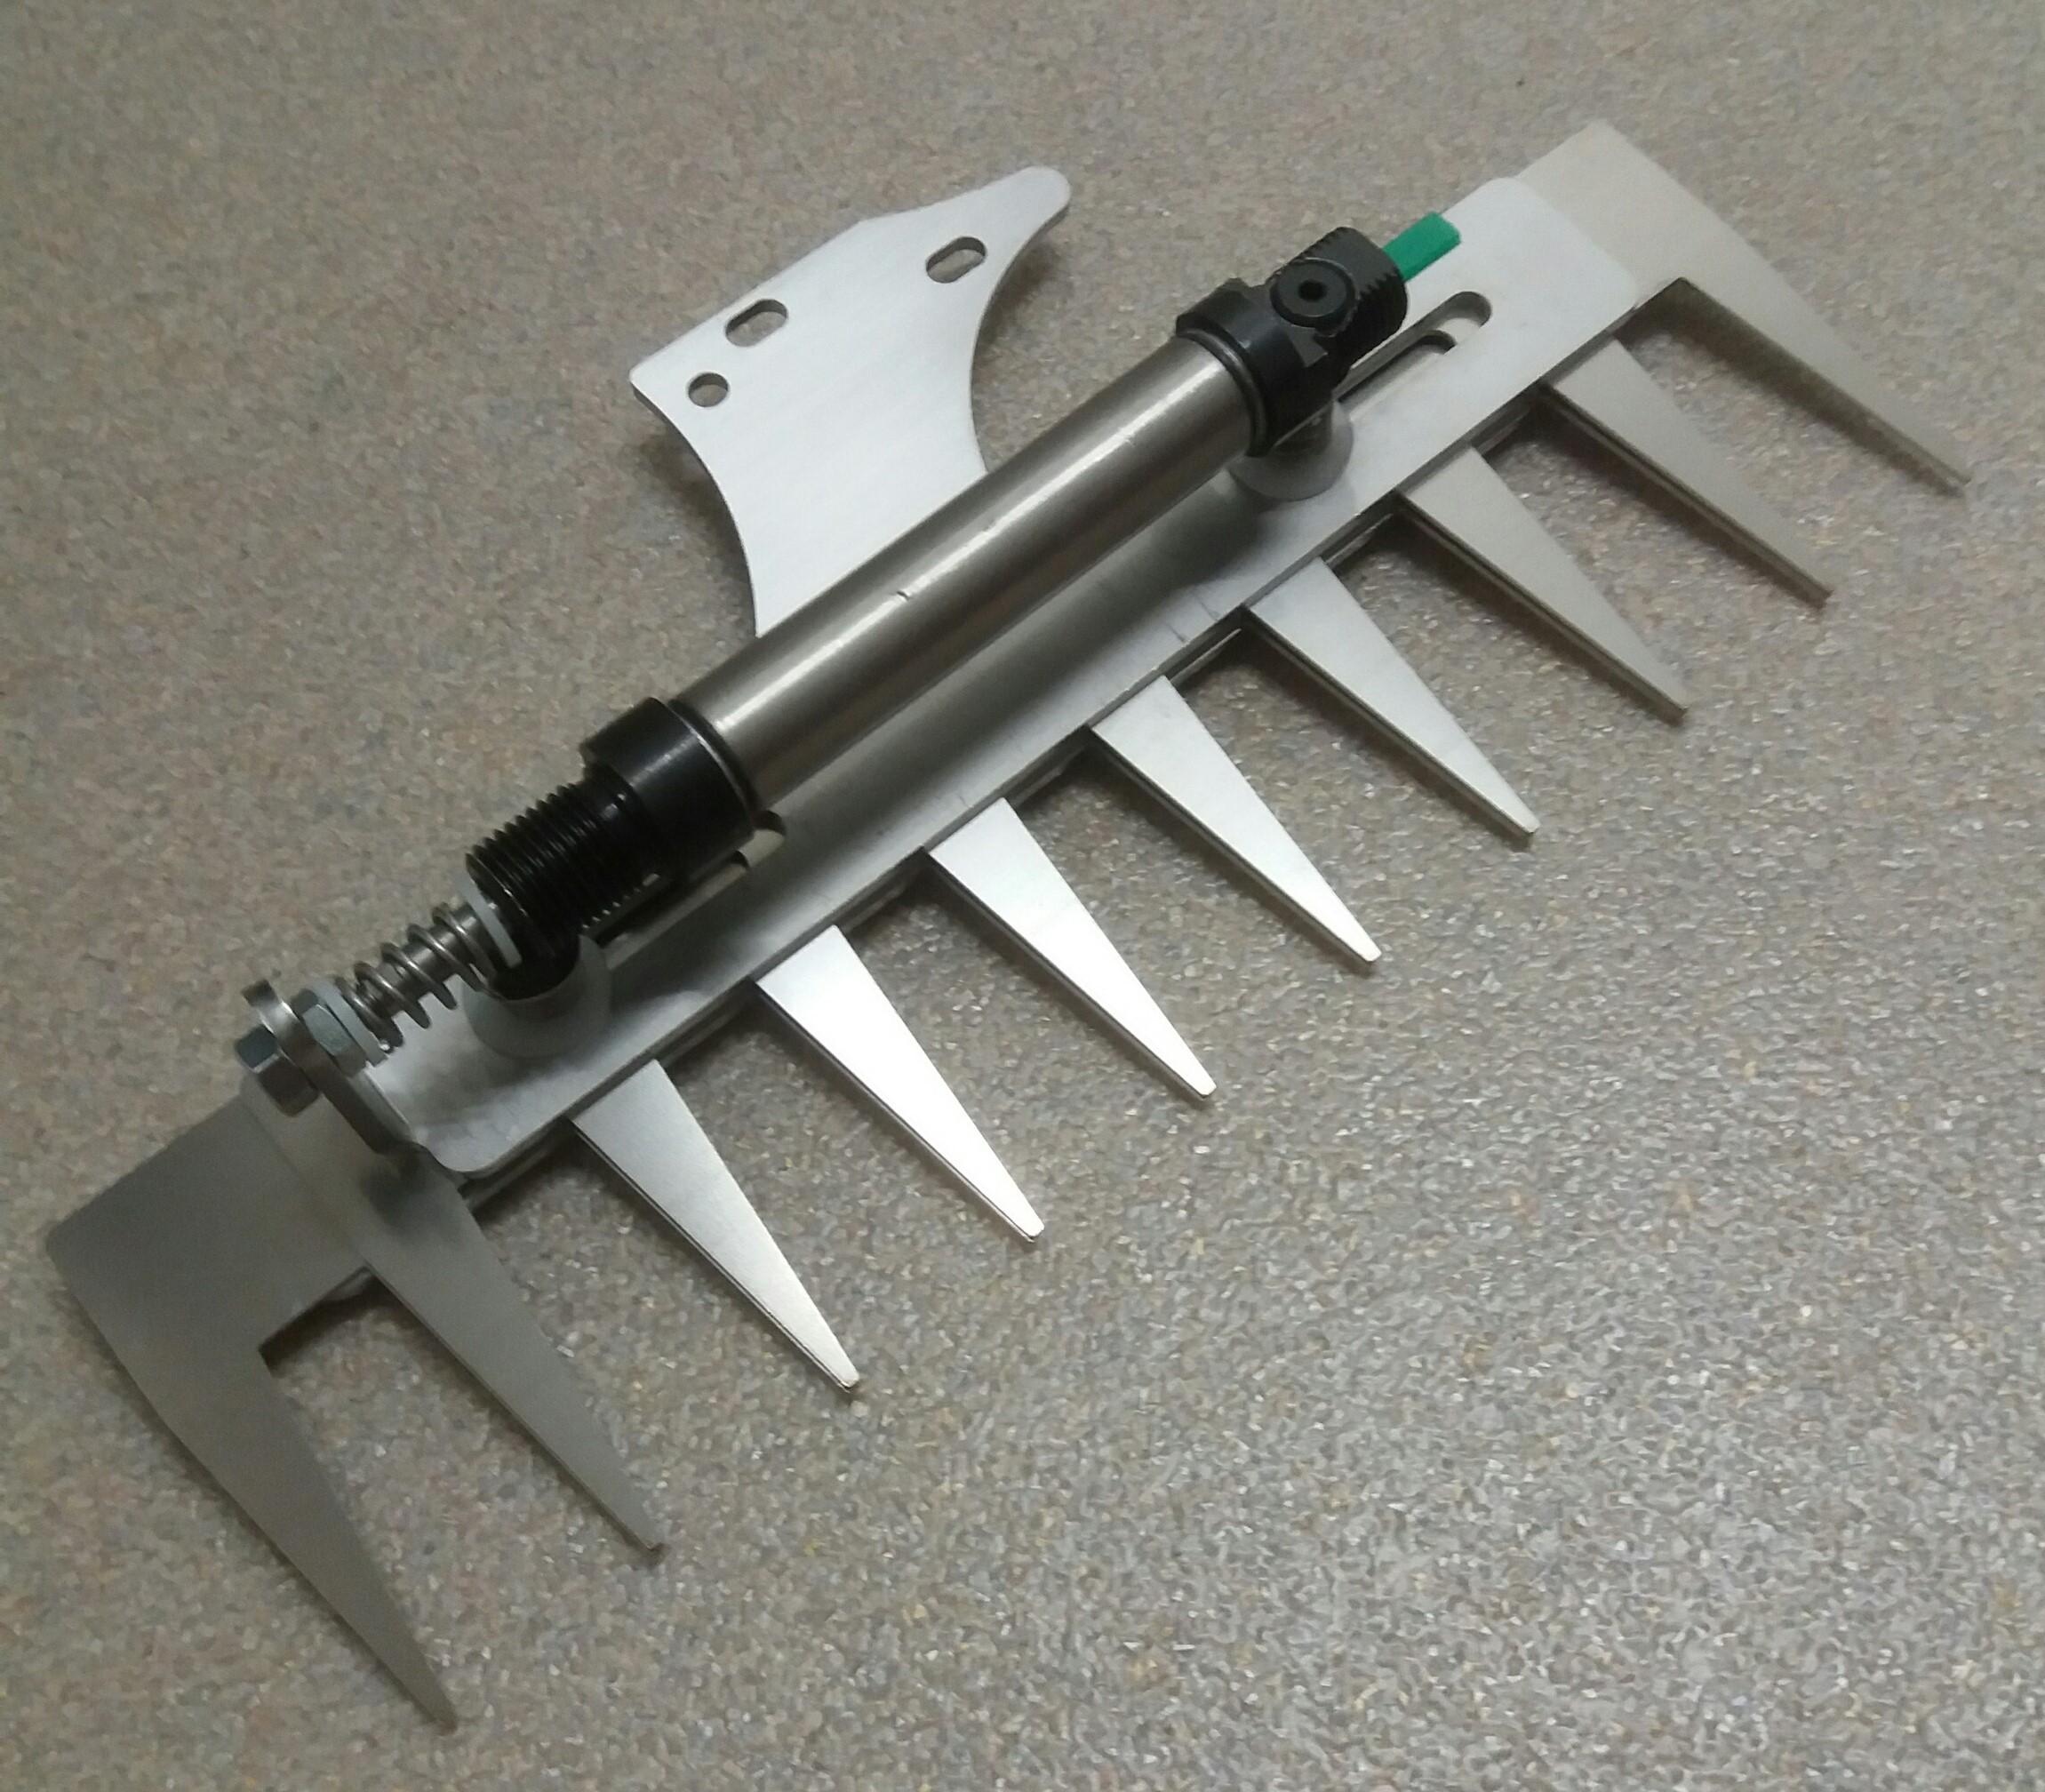 Patentschaar®  Kaak Knipmachine RVS 275 mm lang, steek 29 mm, 10 tanden